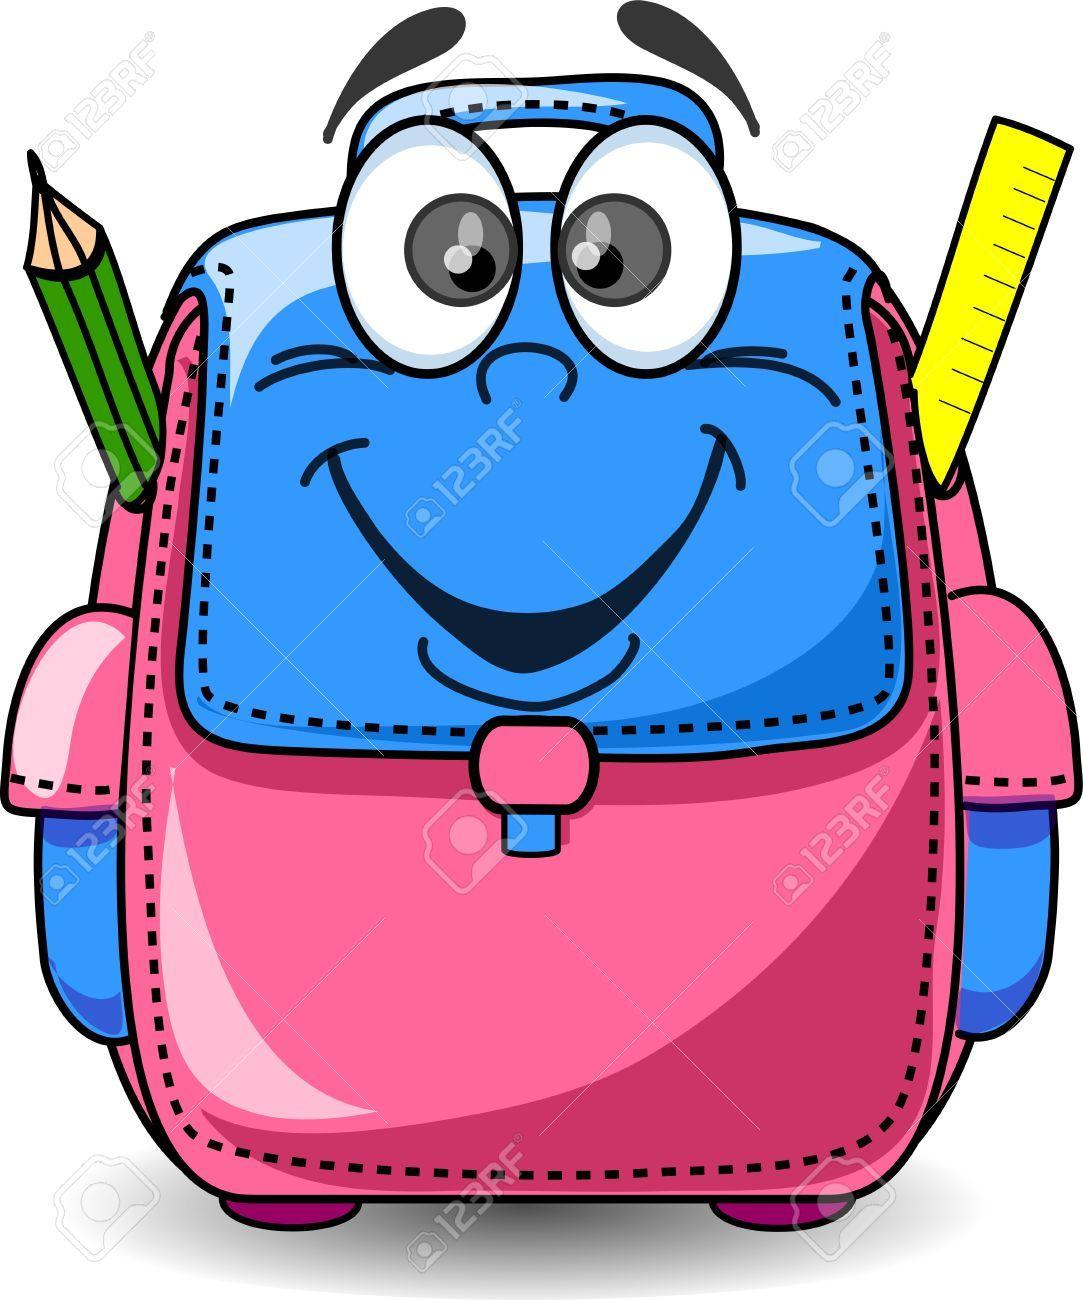 Bag clipart clip art school. Resultado de imagen dibujos